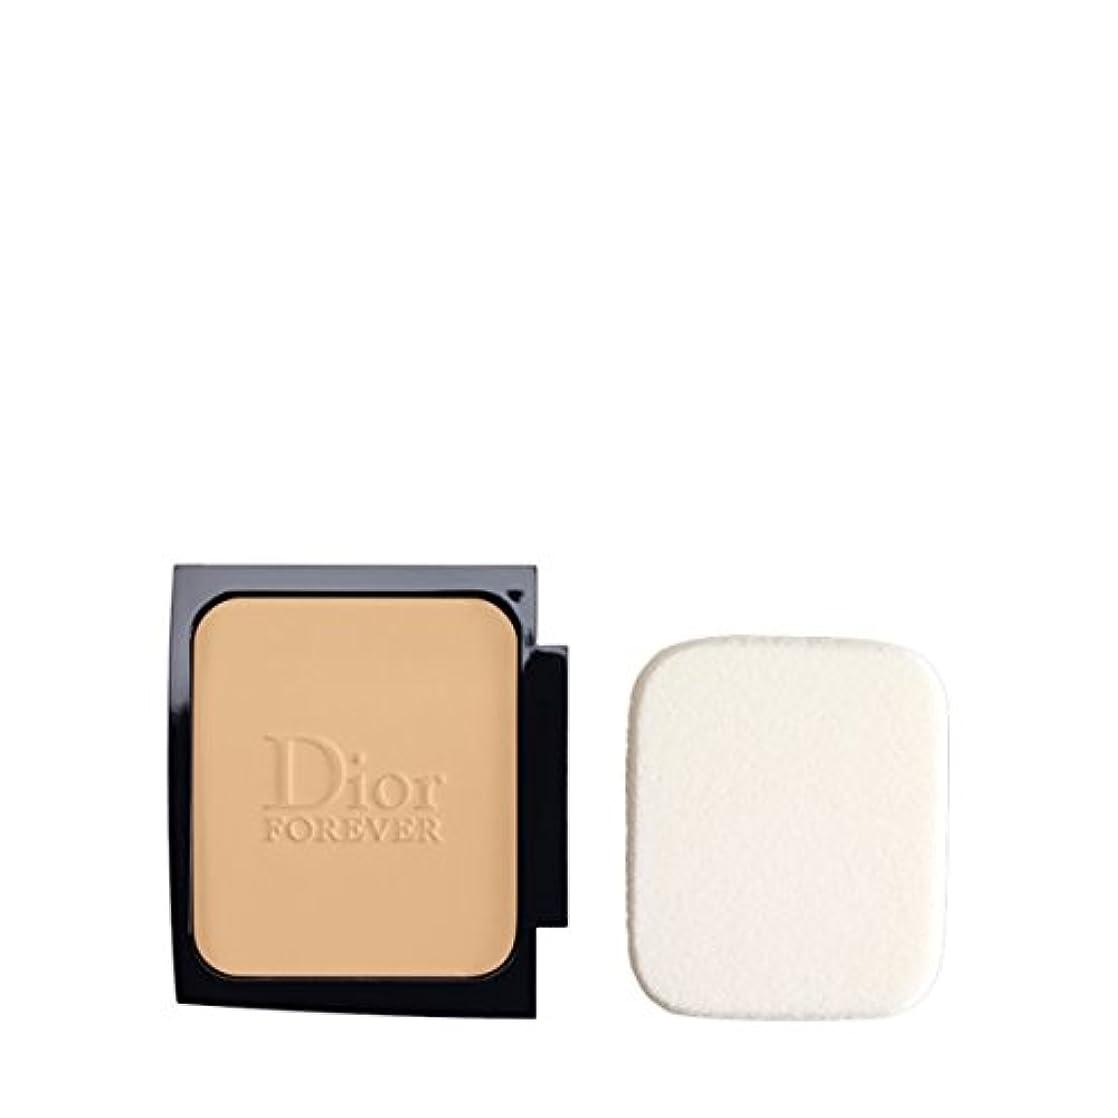 Dior(ディオール) ディオールスキン フォーエヴァー コンパクト エクストレム コントロール レフィル (#021:リネン)